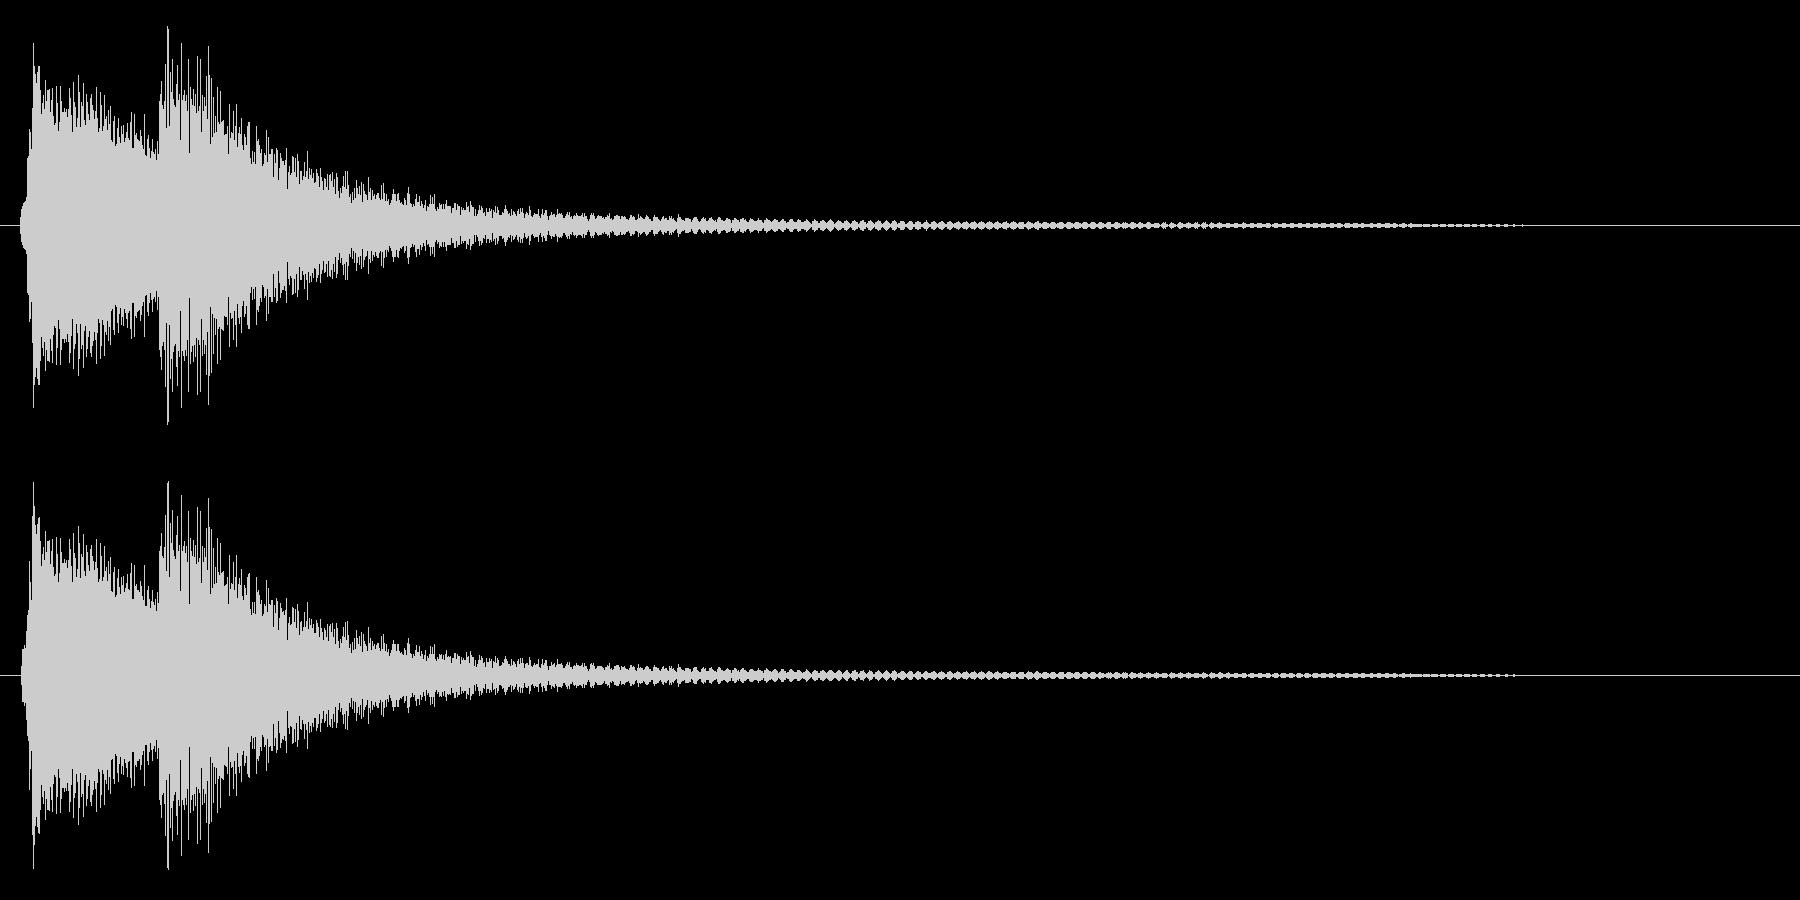 チリーン(エラー、警告音)の未再生の波形